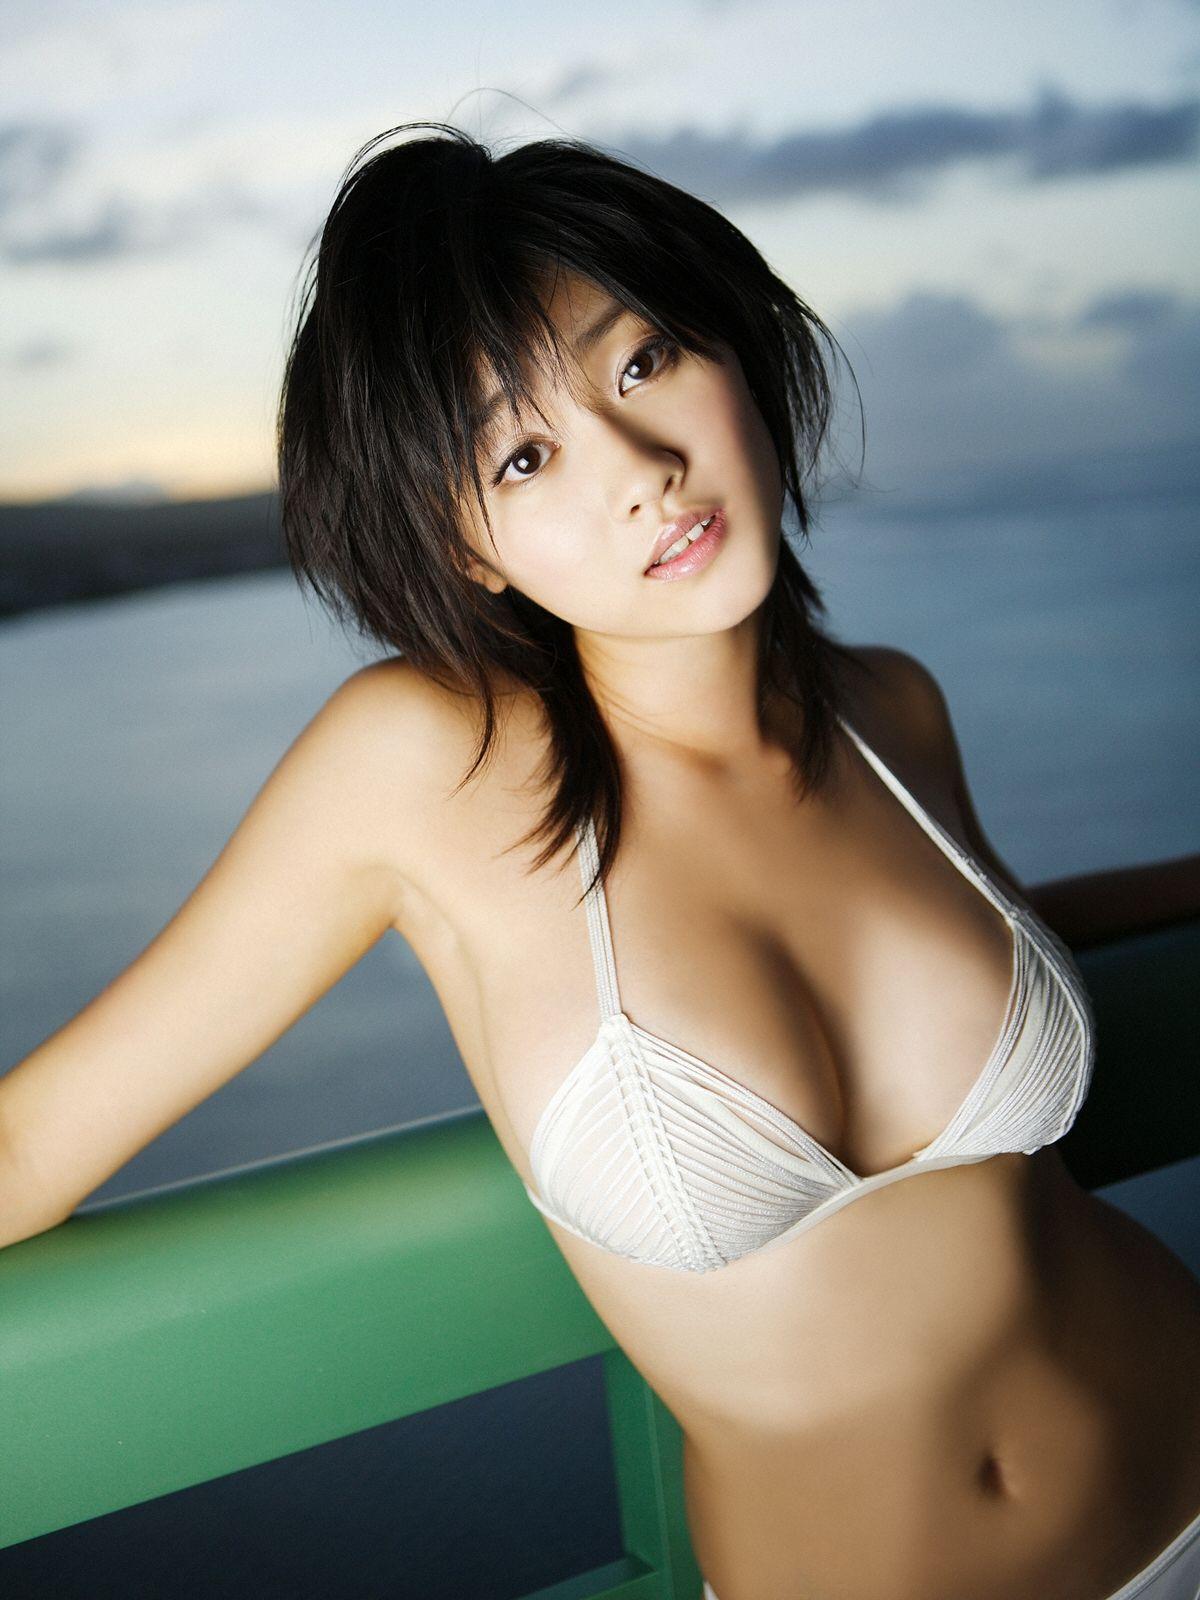 Asian girl showering